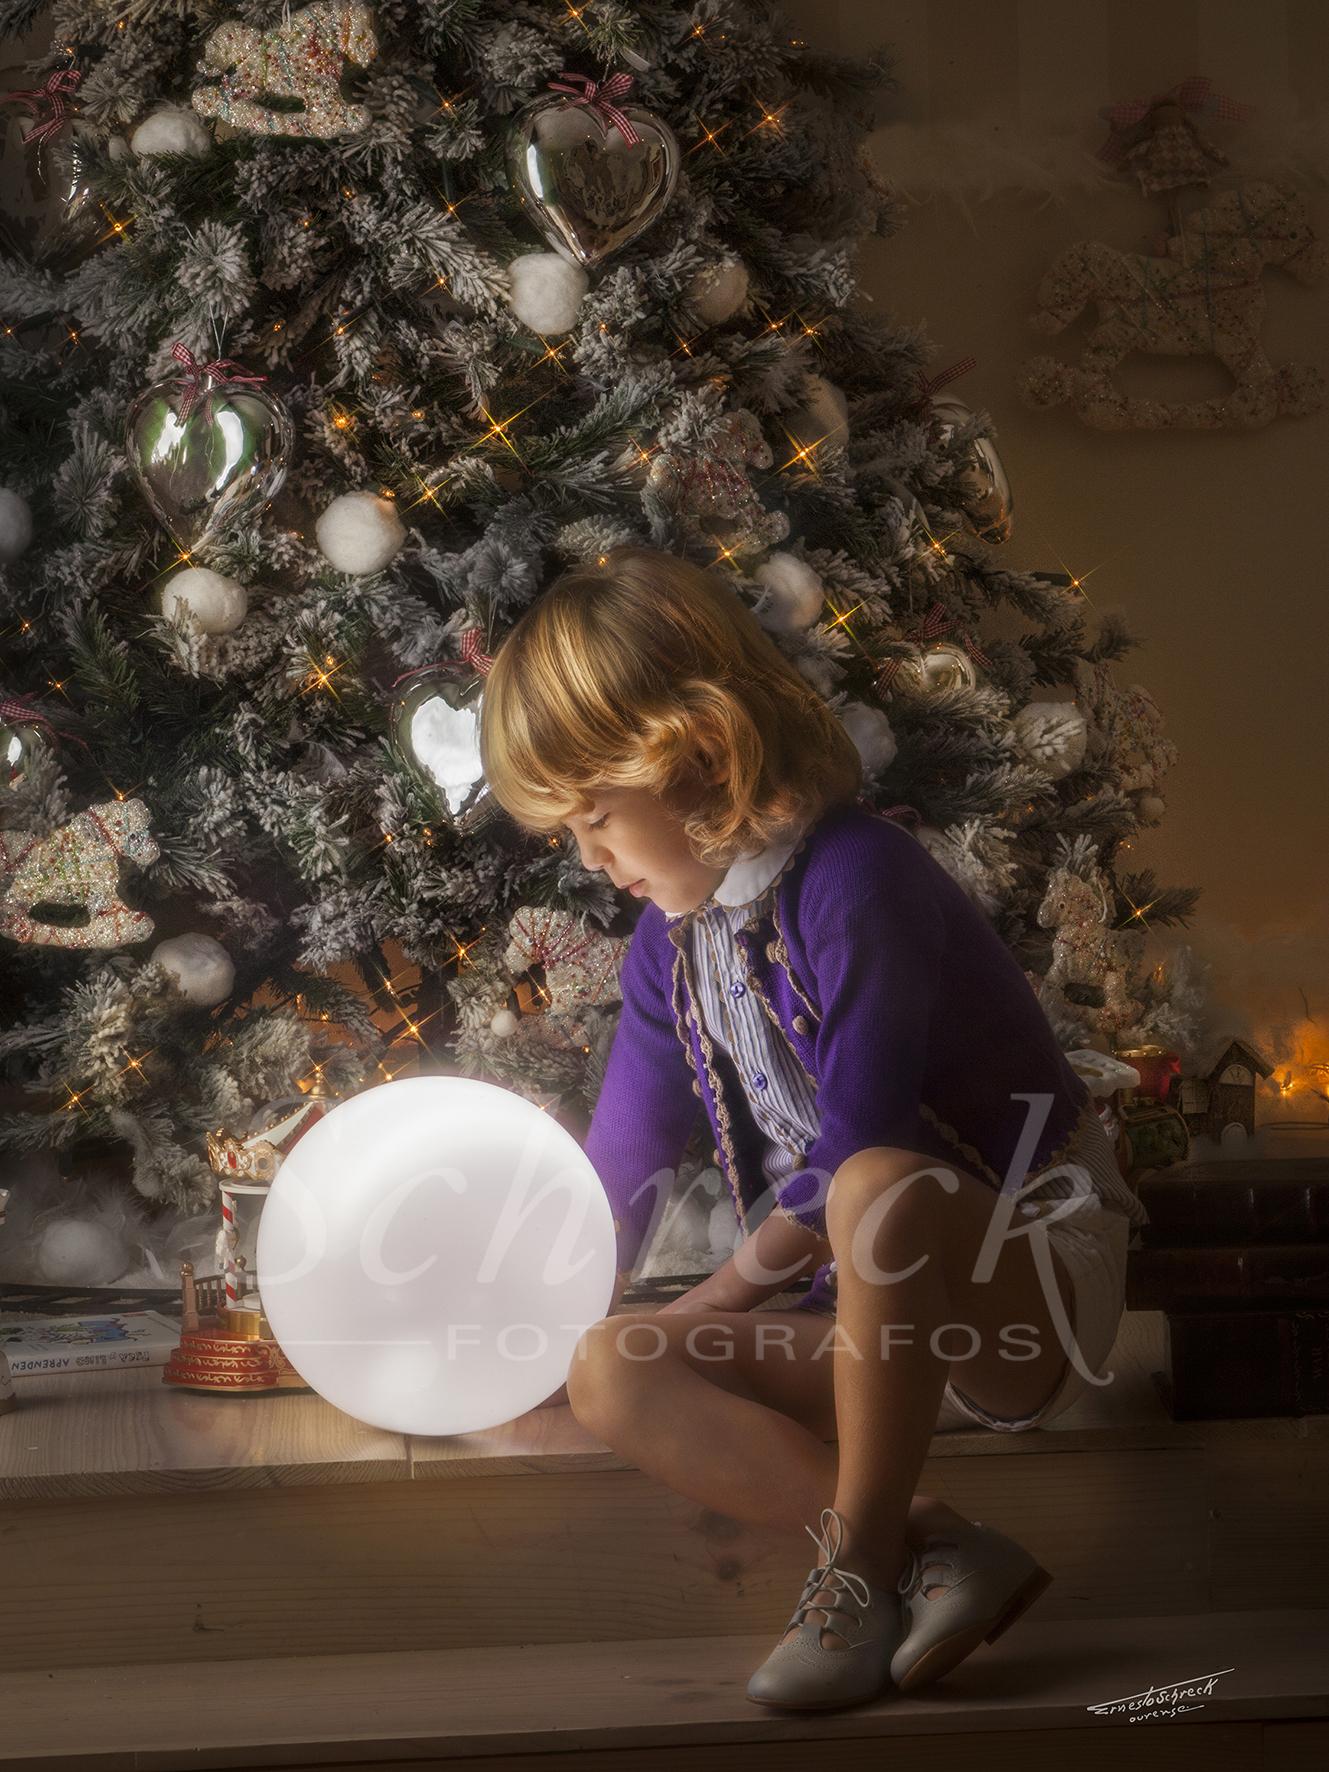 Navidad_Schreck-fotografos_Estudio-Schreck_Christmas-photo_031